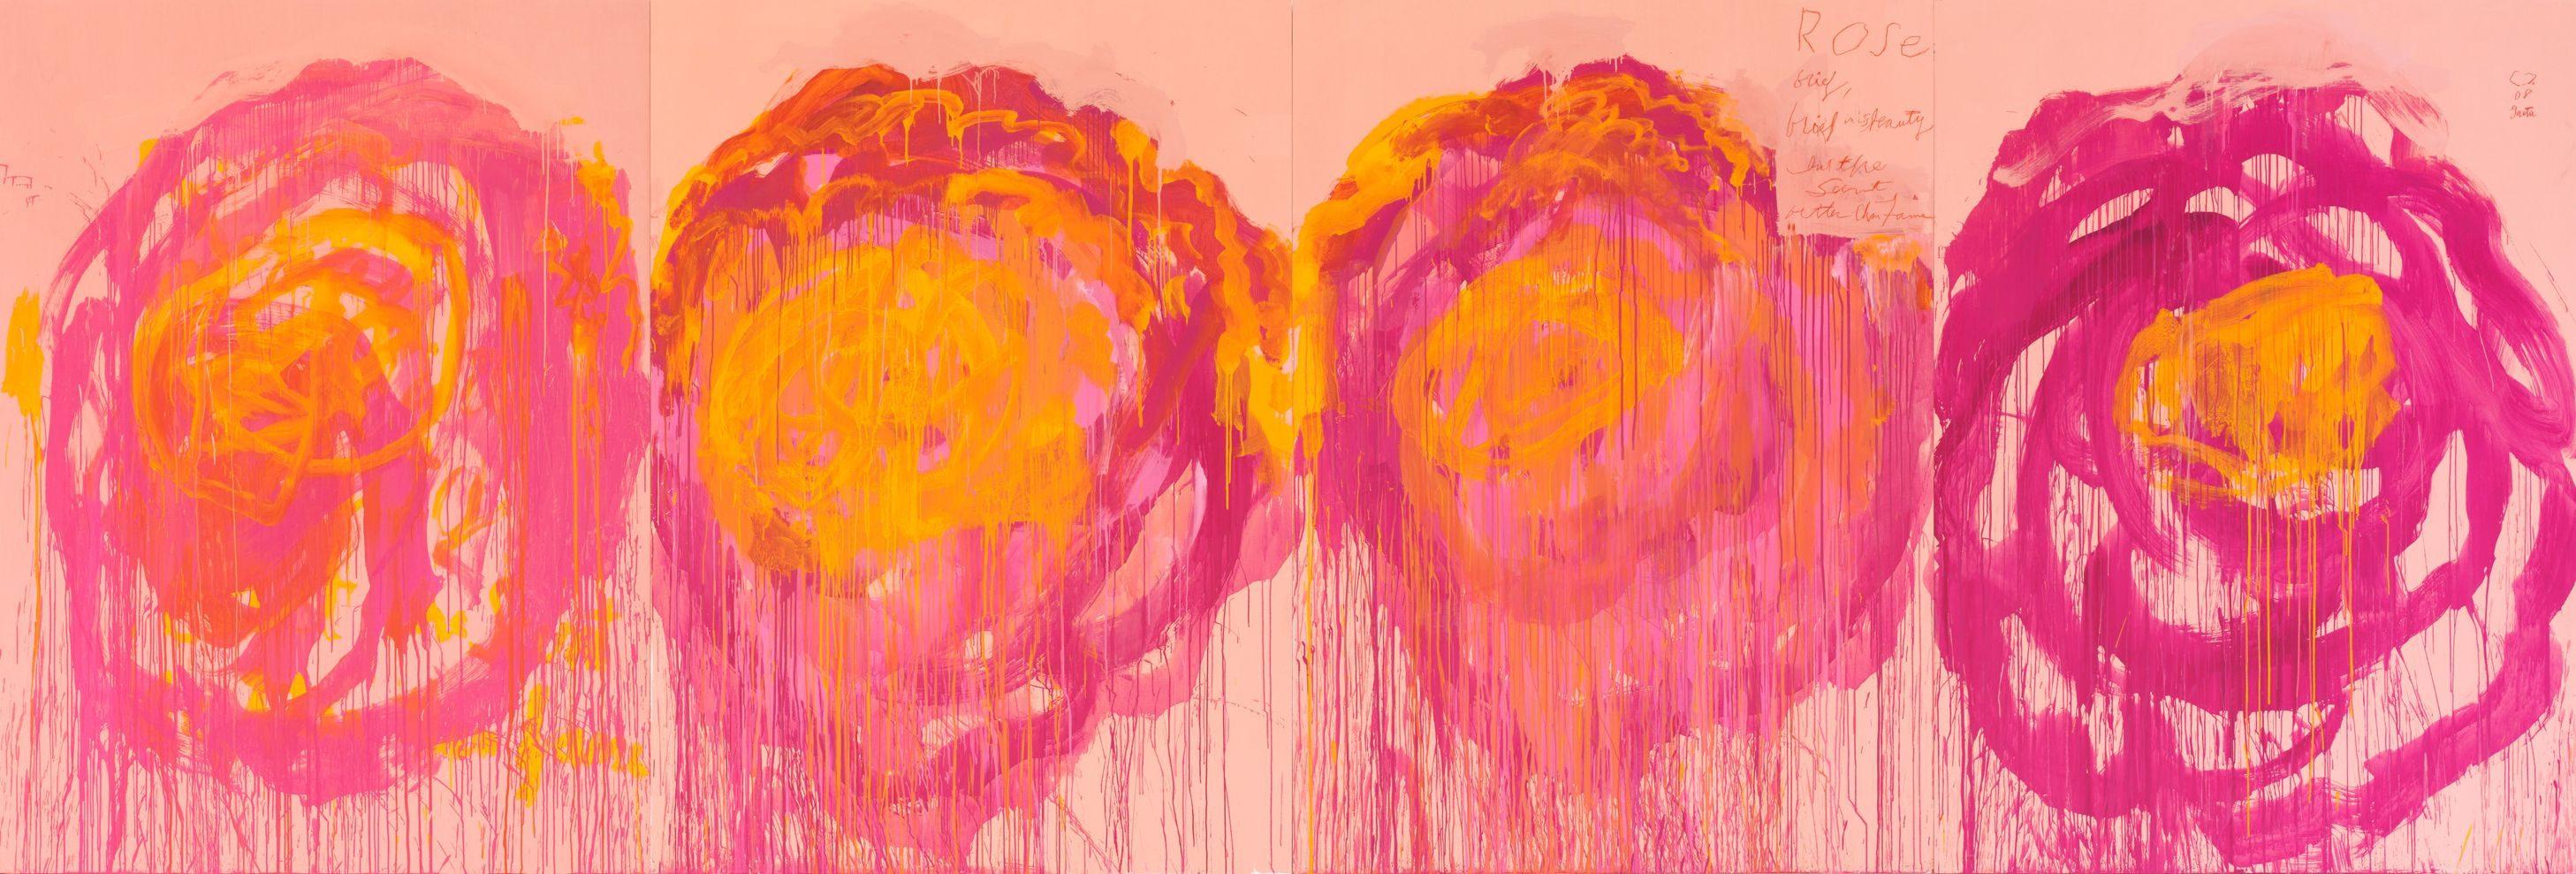 Cy Twombly, Untitled (Roses), 2008. Udo und Anette Brandhorst Sammlung. © Cy Twombly Foundation. Foto: Nicole Wilhelms, Museum Brandhorst, Bayerische Staatsgemäldesammlungen, München